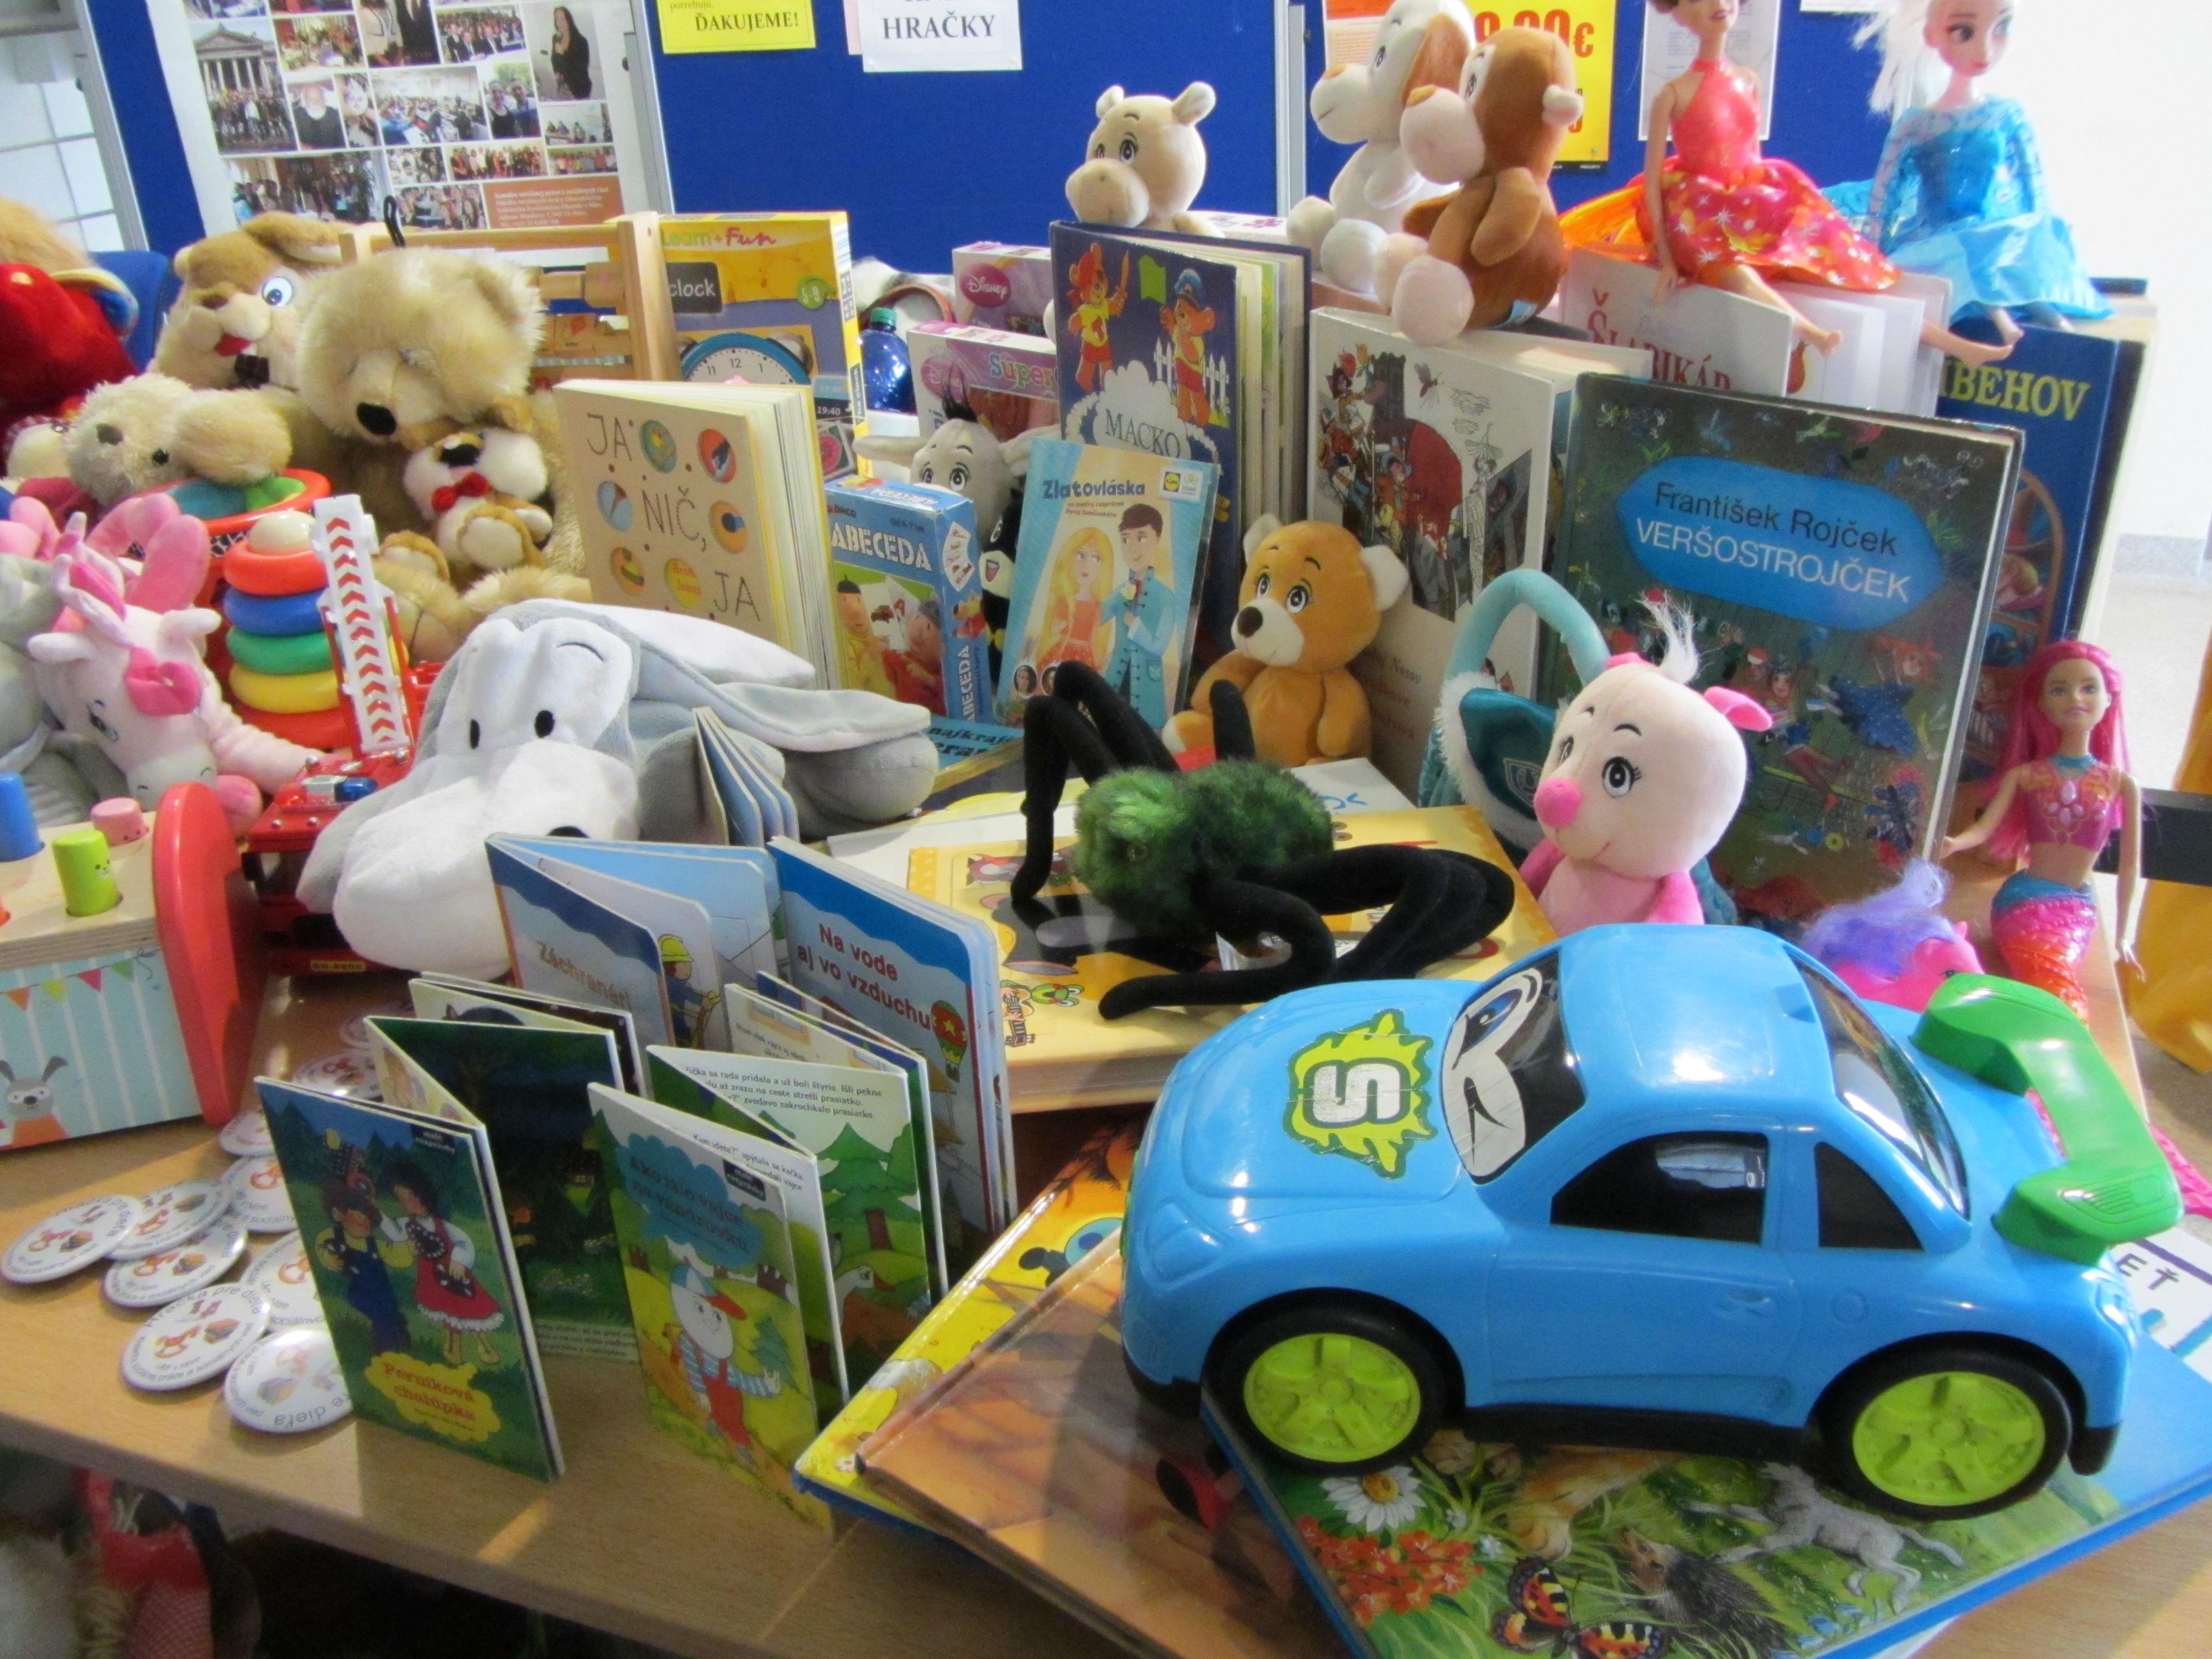 charitatívna zbierka Hračka pre dieťa